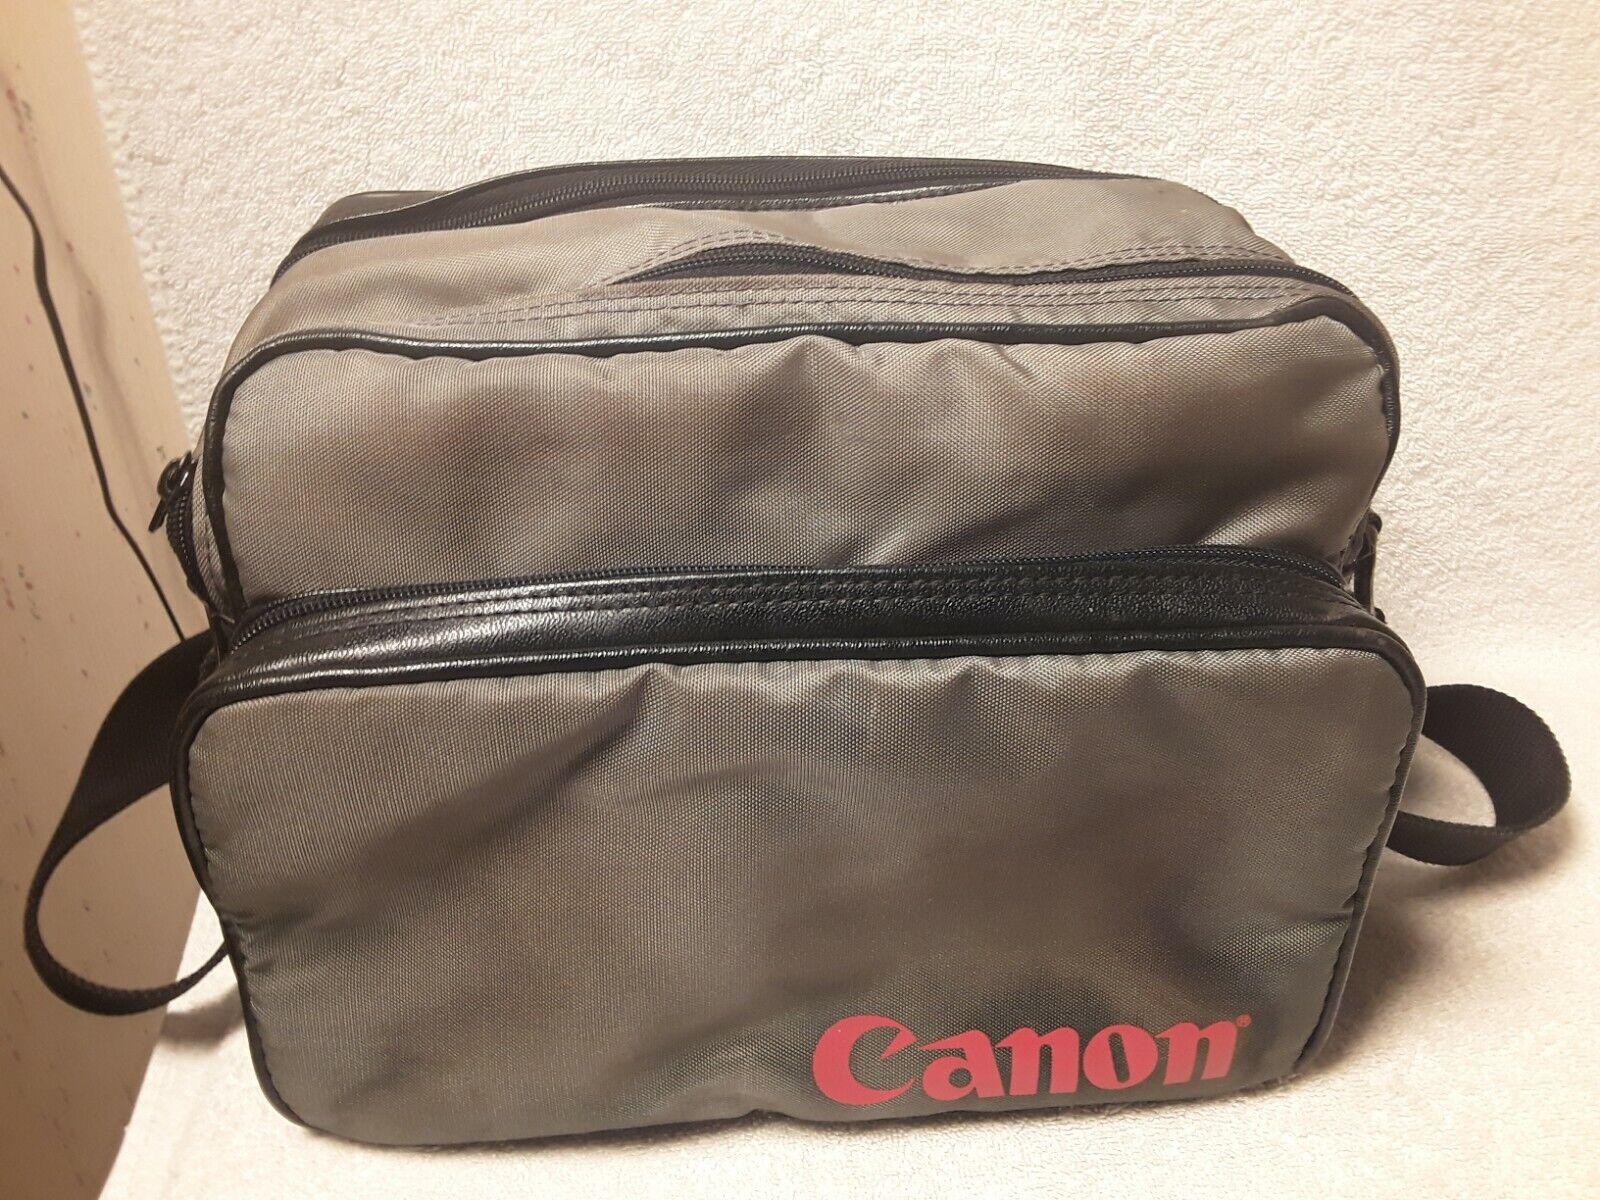 Vintage Canon Camera Bag with Strap, Grey Nylon Black Leather Trim Retro. E1